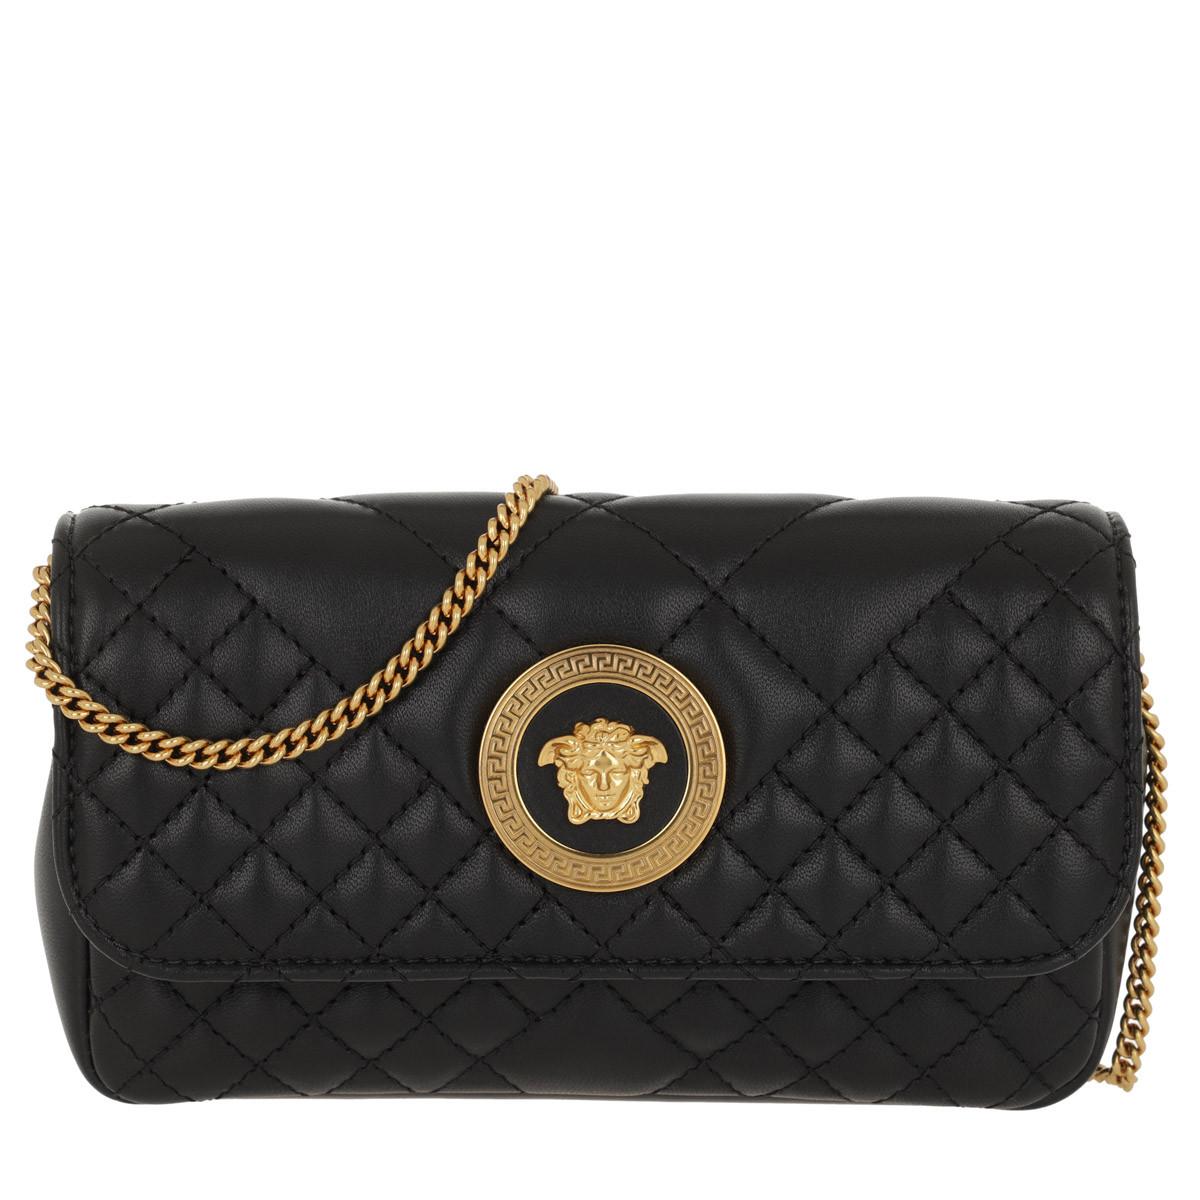 Versace Umhängetasche - Quilted Crossbody Bag Nero/Oro - in schwarz - für Damen